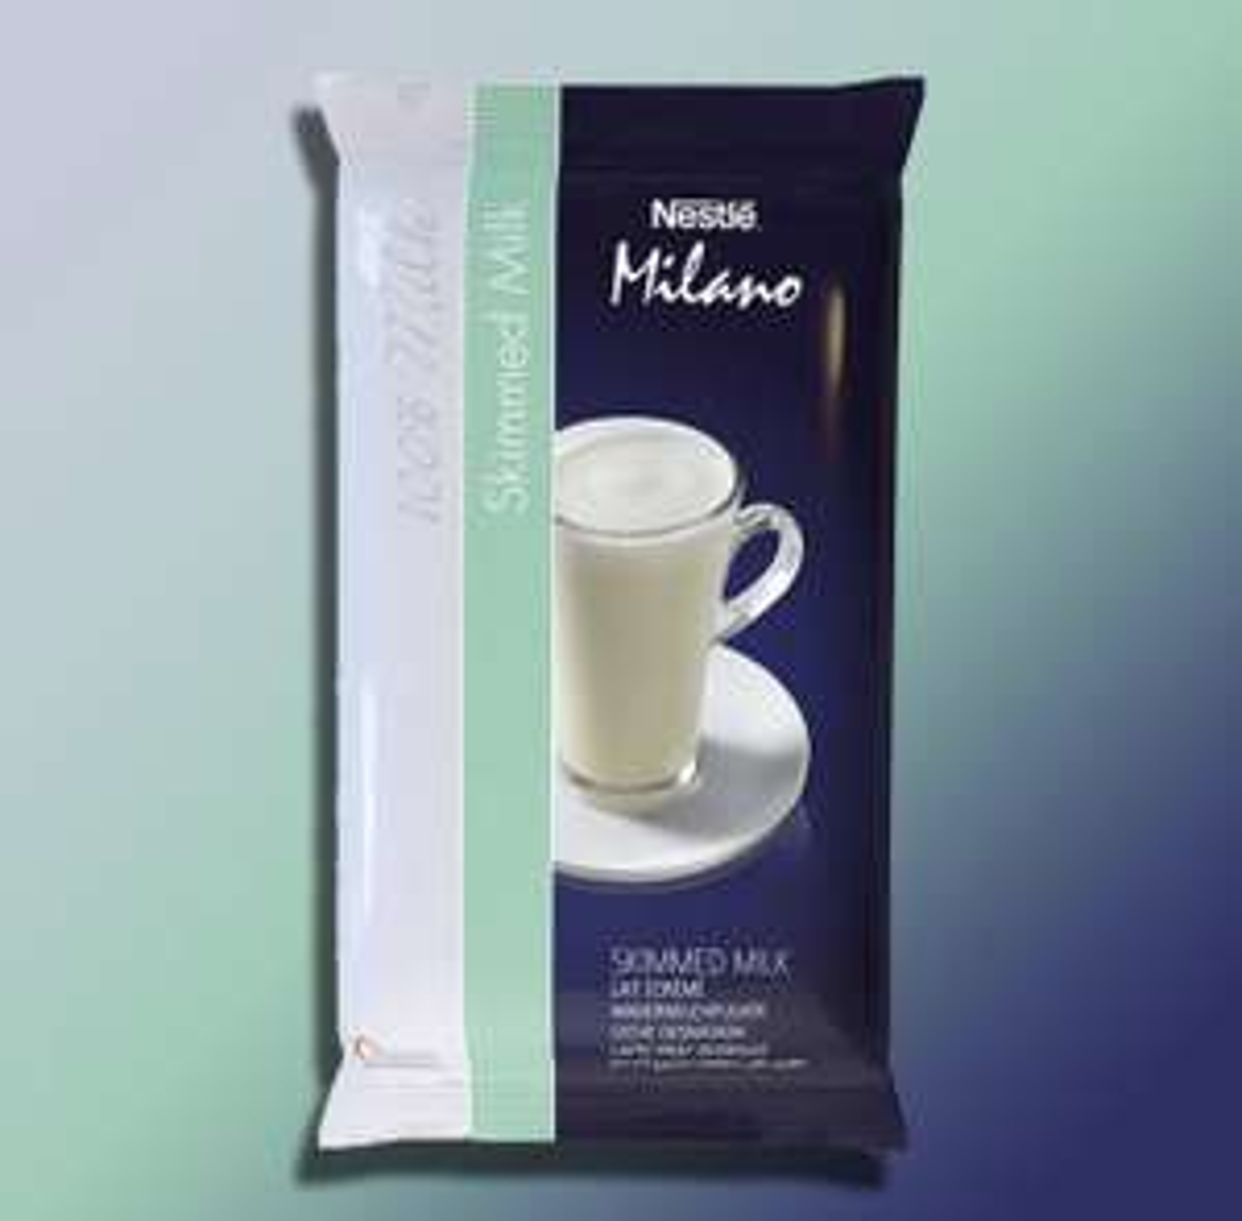 10x 500gr (5kg) - Nestlé Milano Skimmed Powdered Milk £8 - Best Before 03/06/2021 - at Yankee Bundles